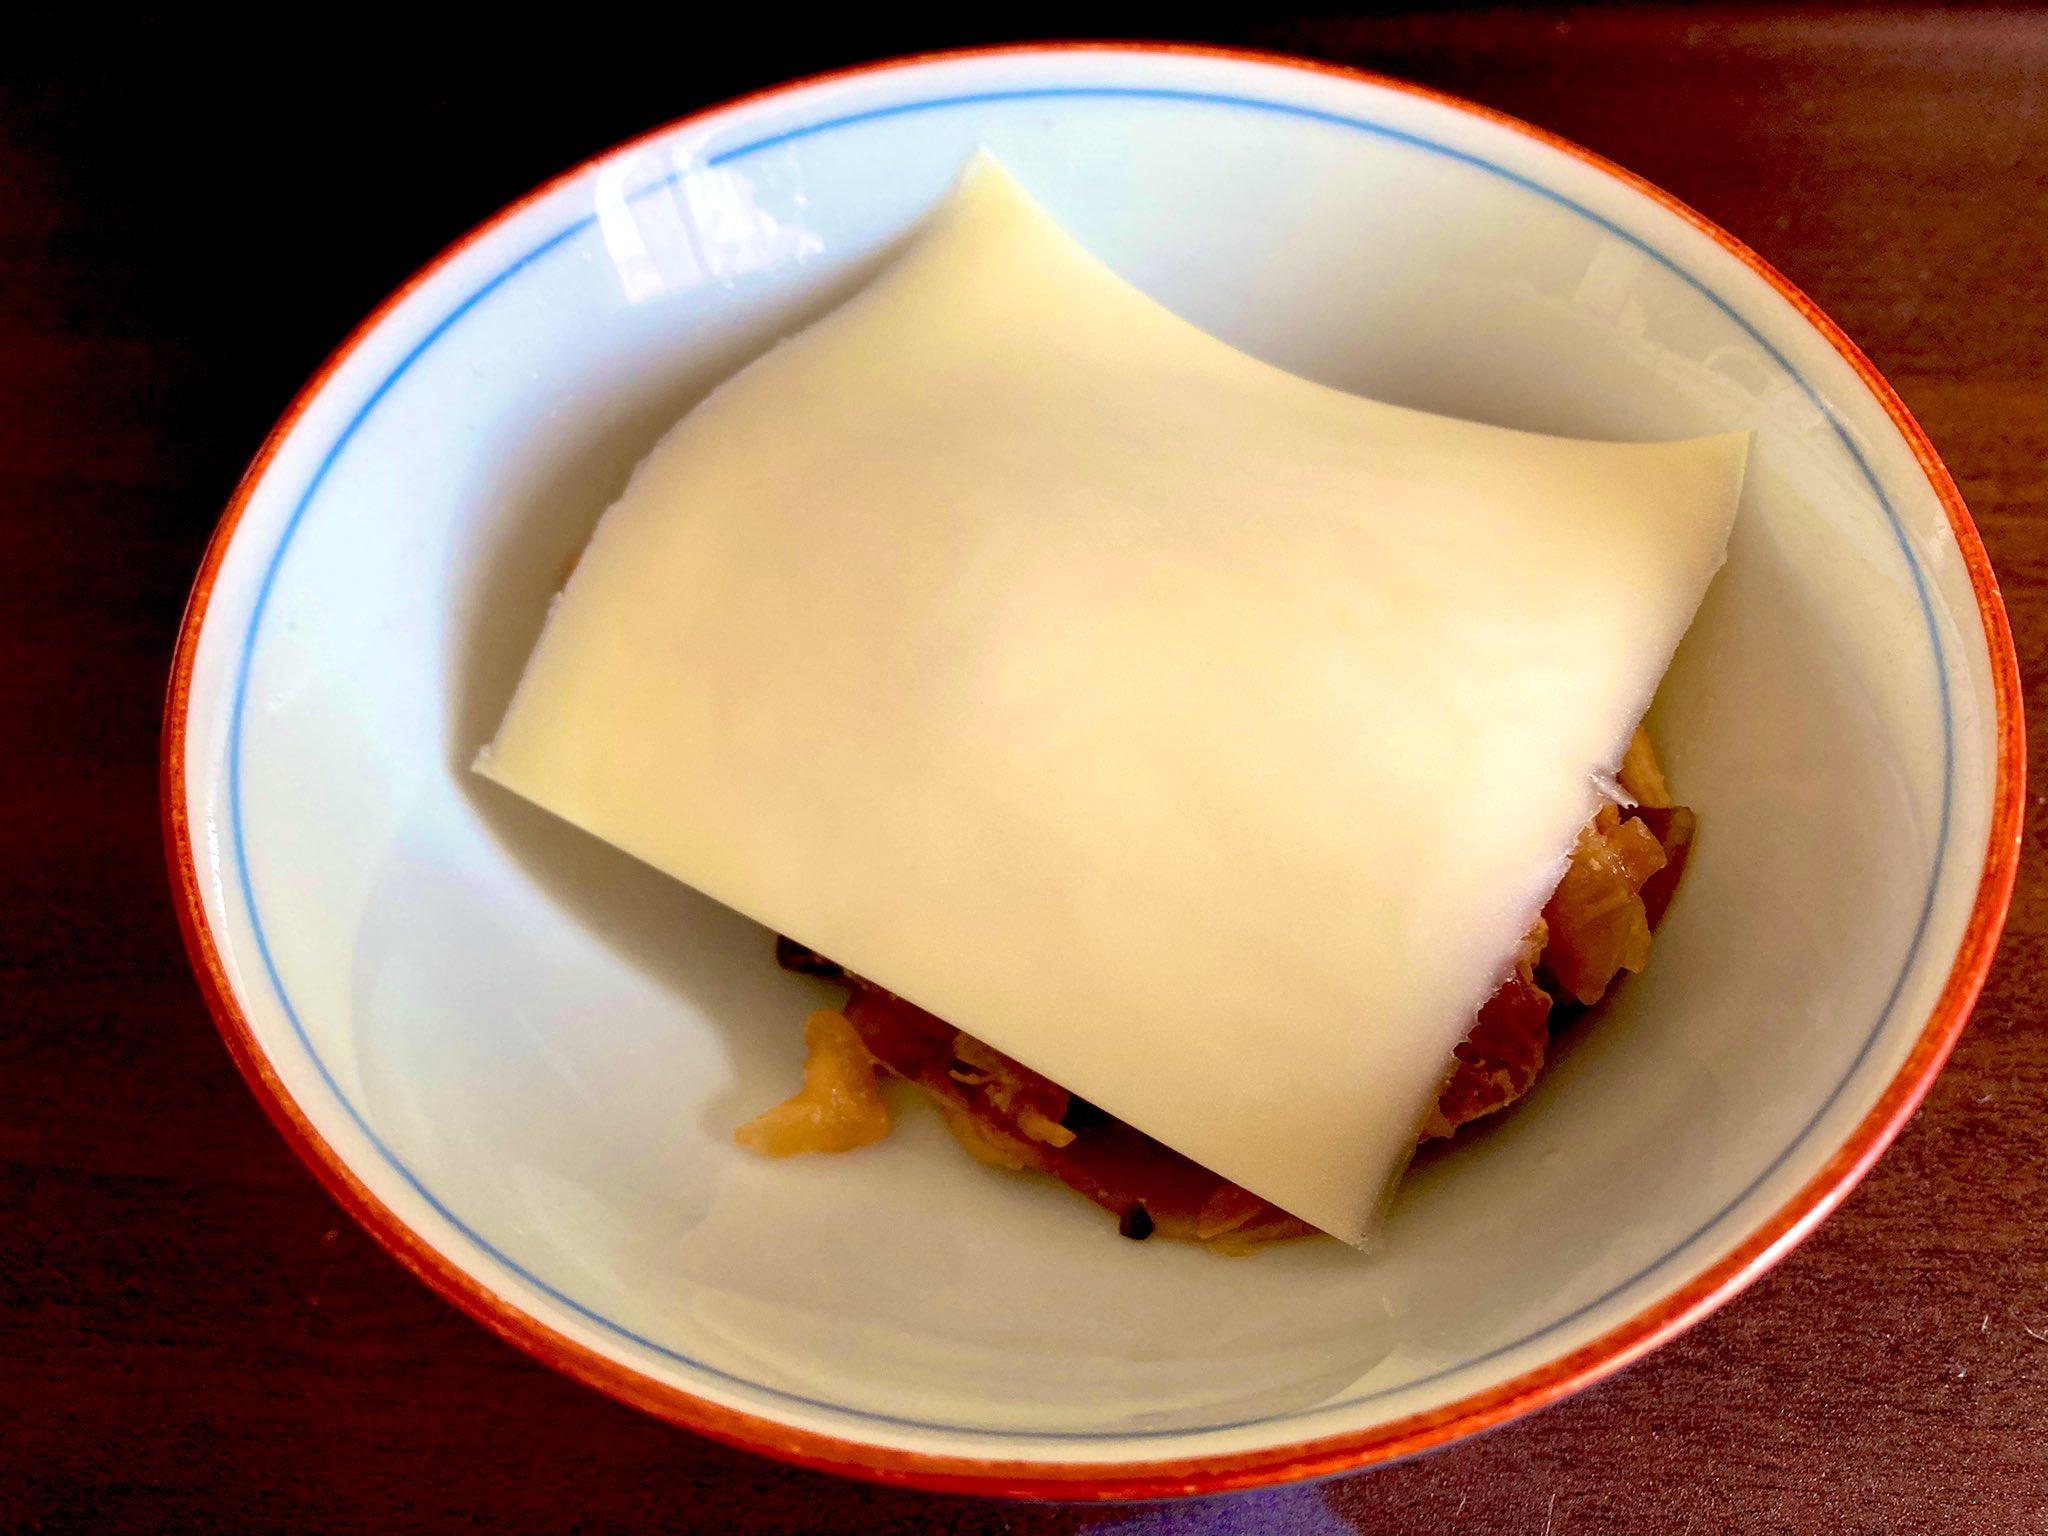 冷蔵保存していた照り焼き鶏もも肉にとろけるチーズのせ